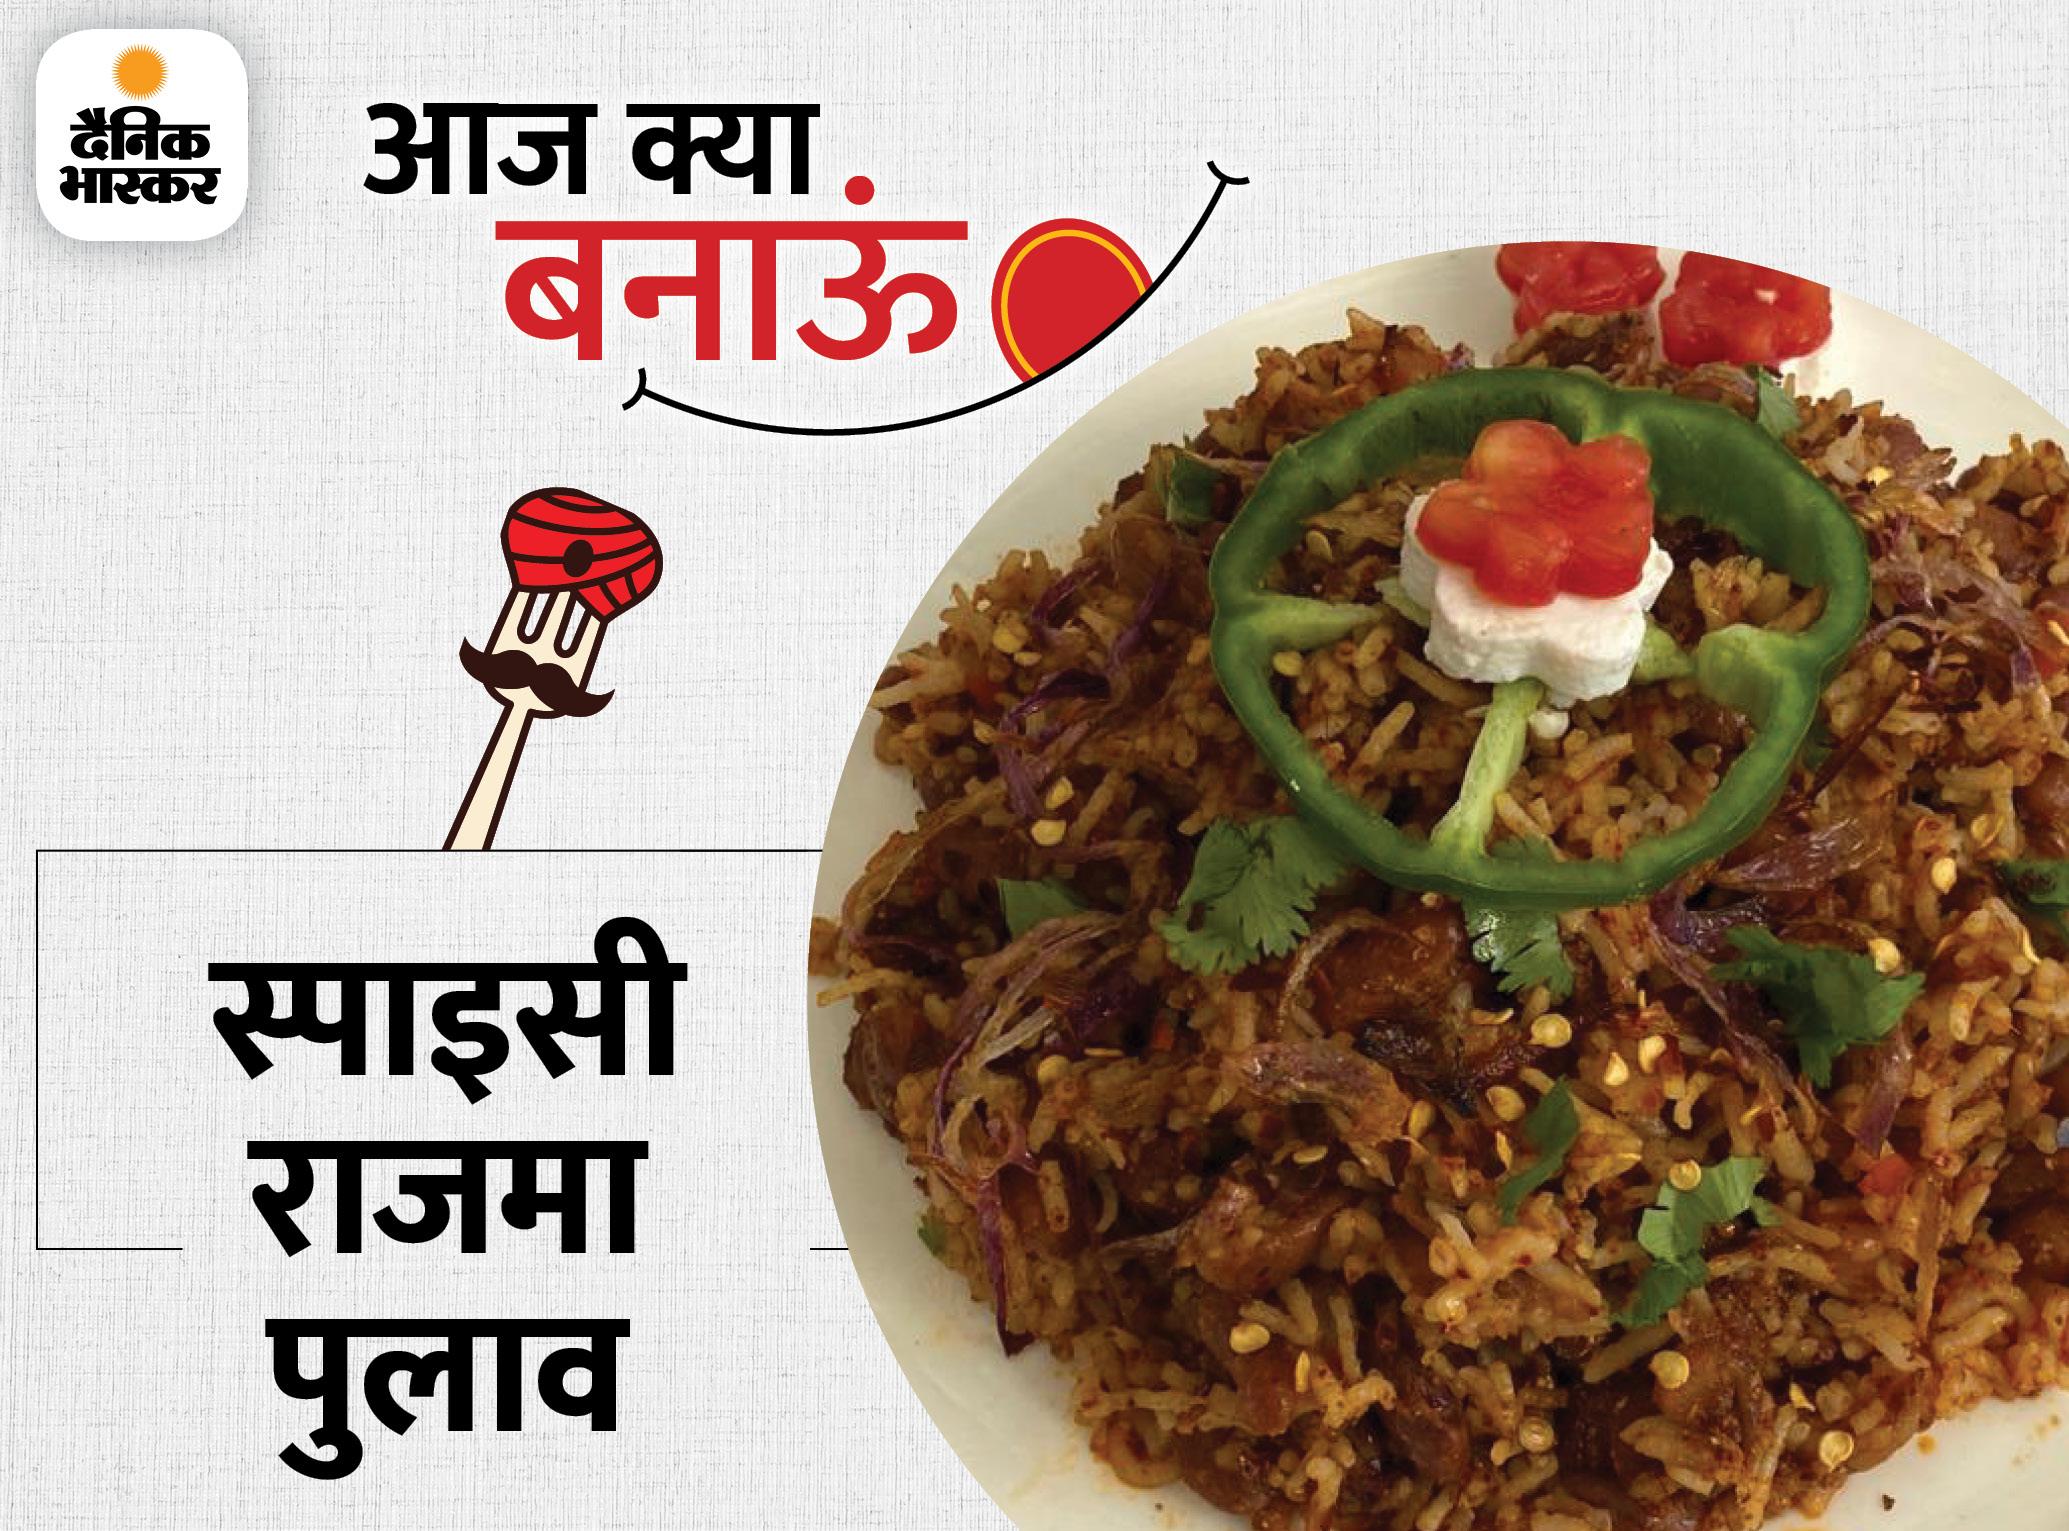 सबके मन को भाएगा स्पाइसी राजमा पुलाव, इसे चिली फ्लेक्स, प्याज व हरे धनिये से सजाकर सर्व करें|लाइफस्टाइल,Lifestyle - Dainik Bhaskar